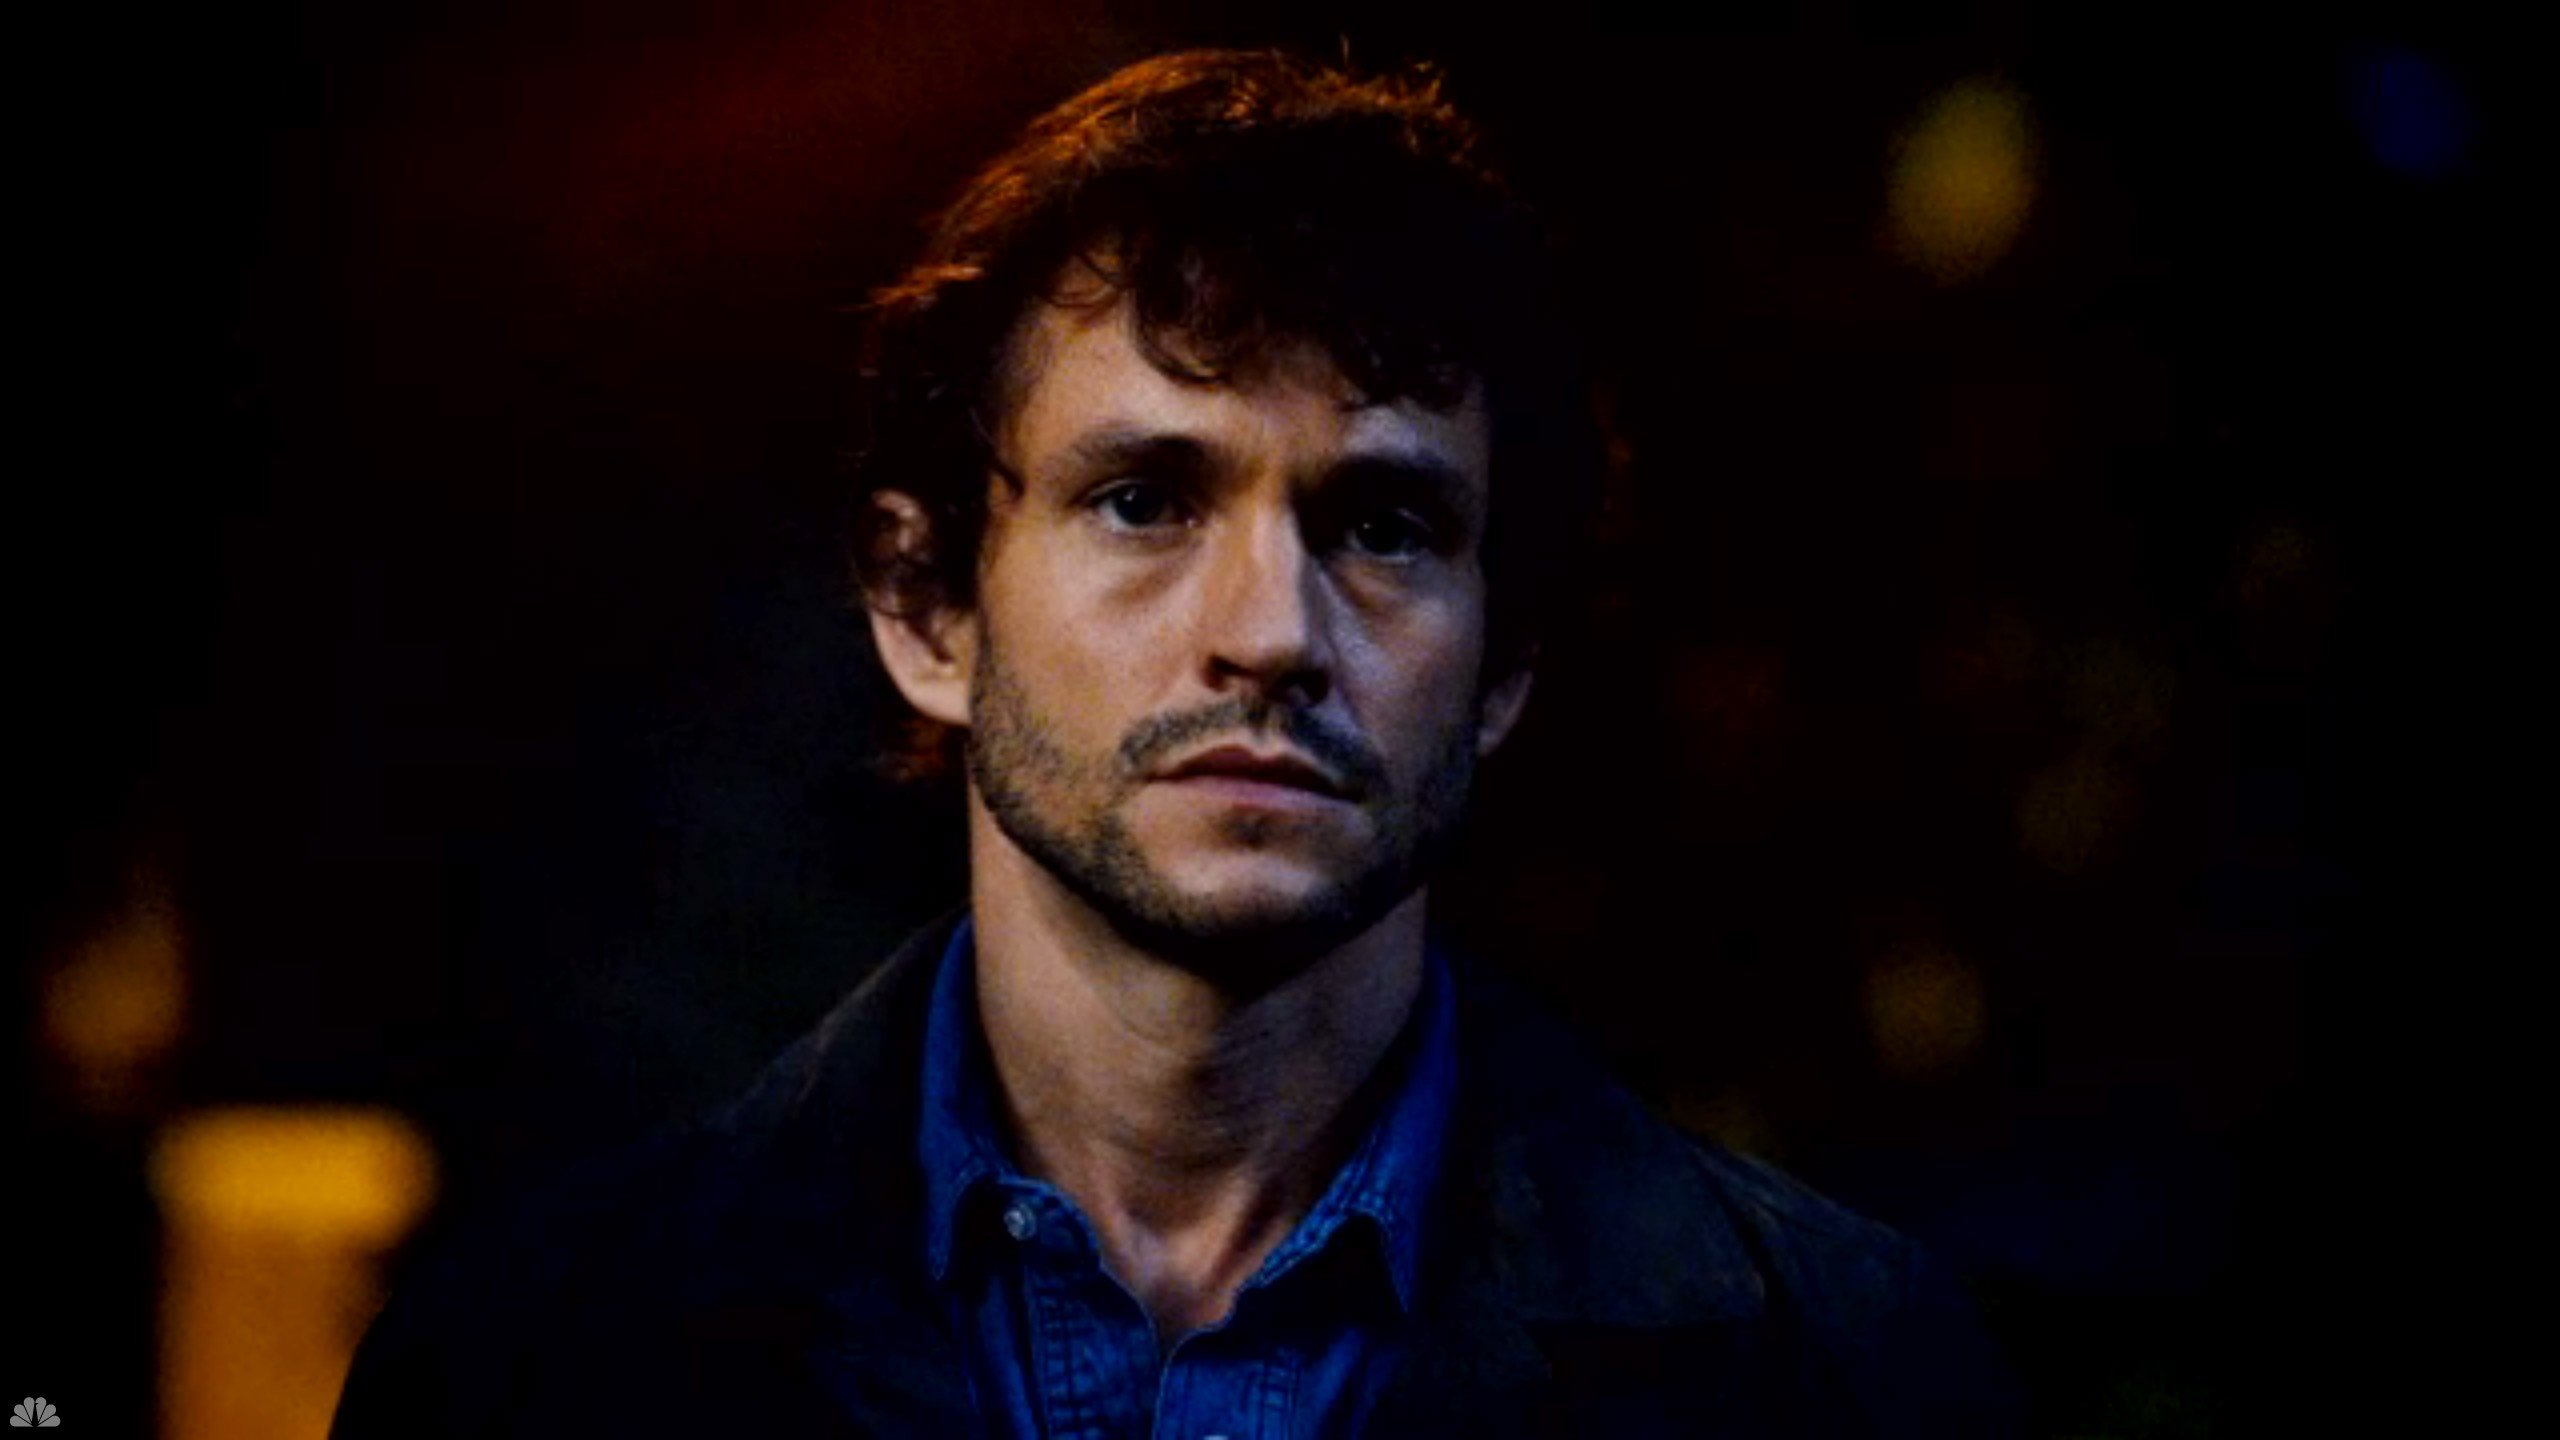 Will Hannibal